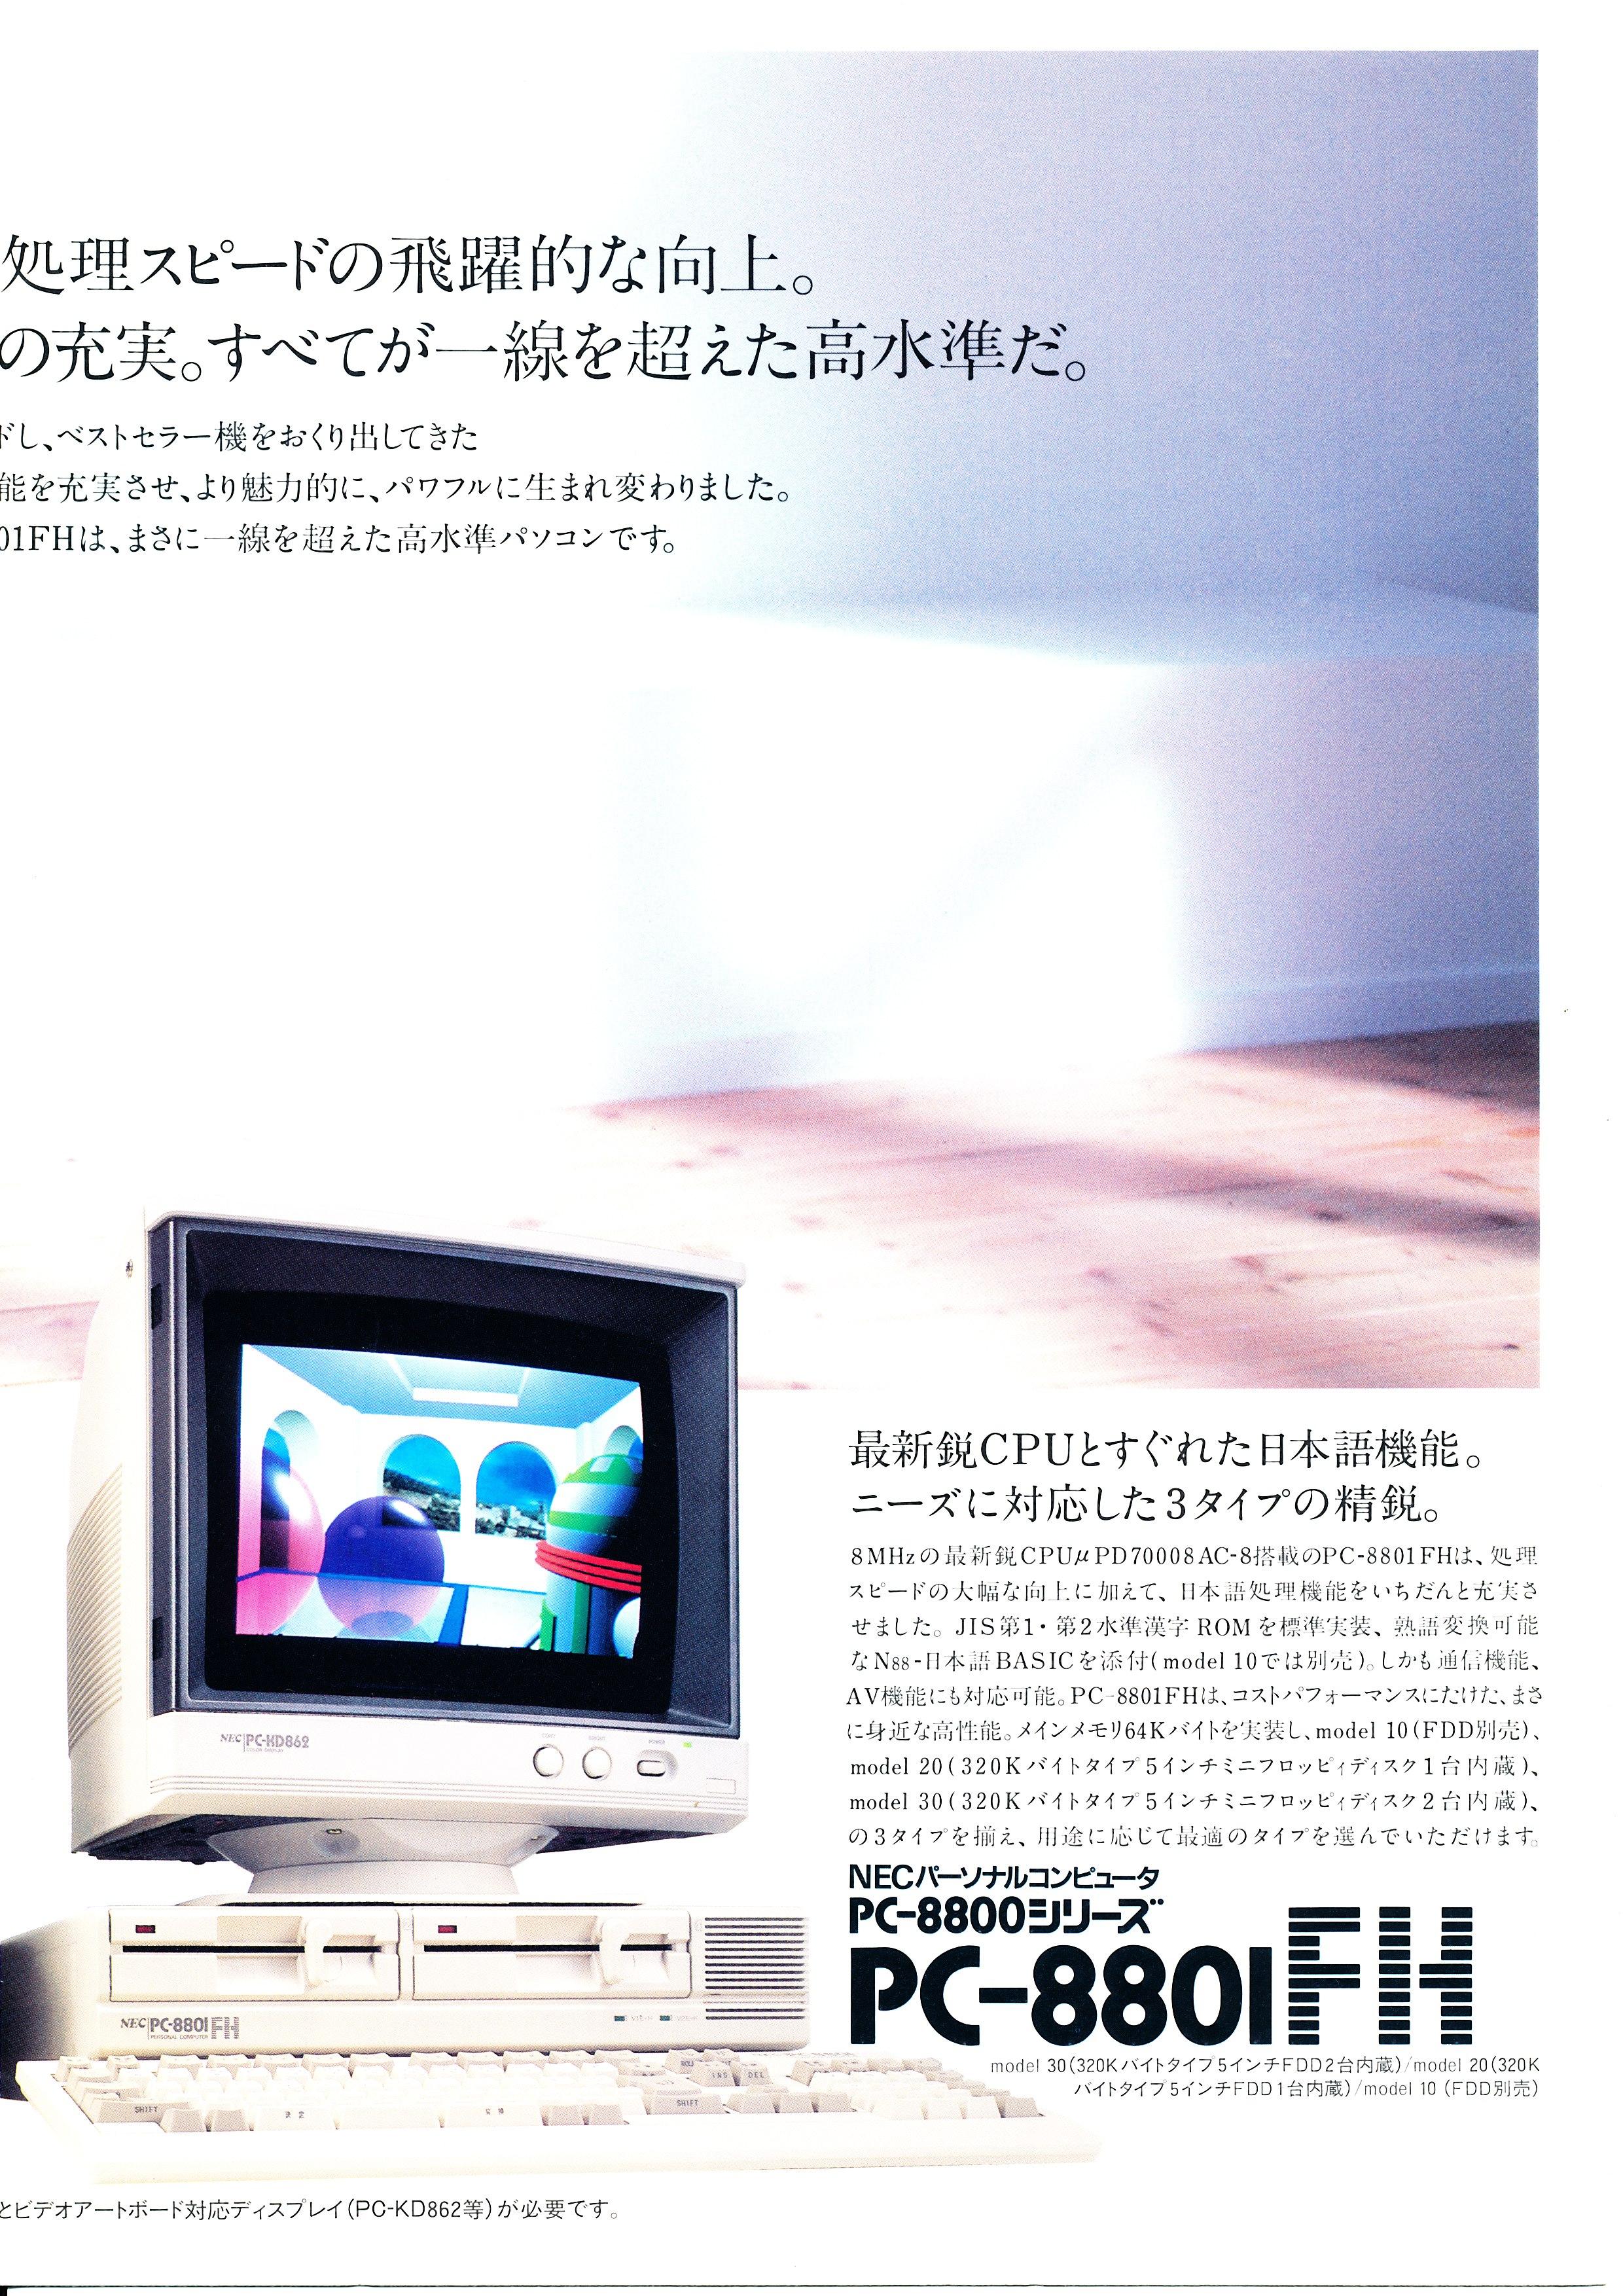 PC-8801MH/FH P3